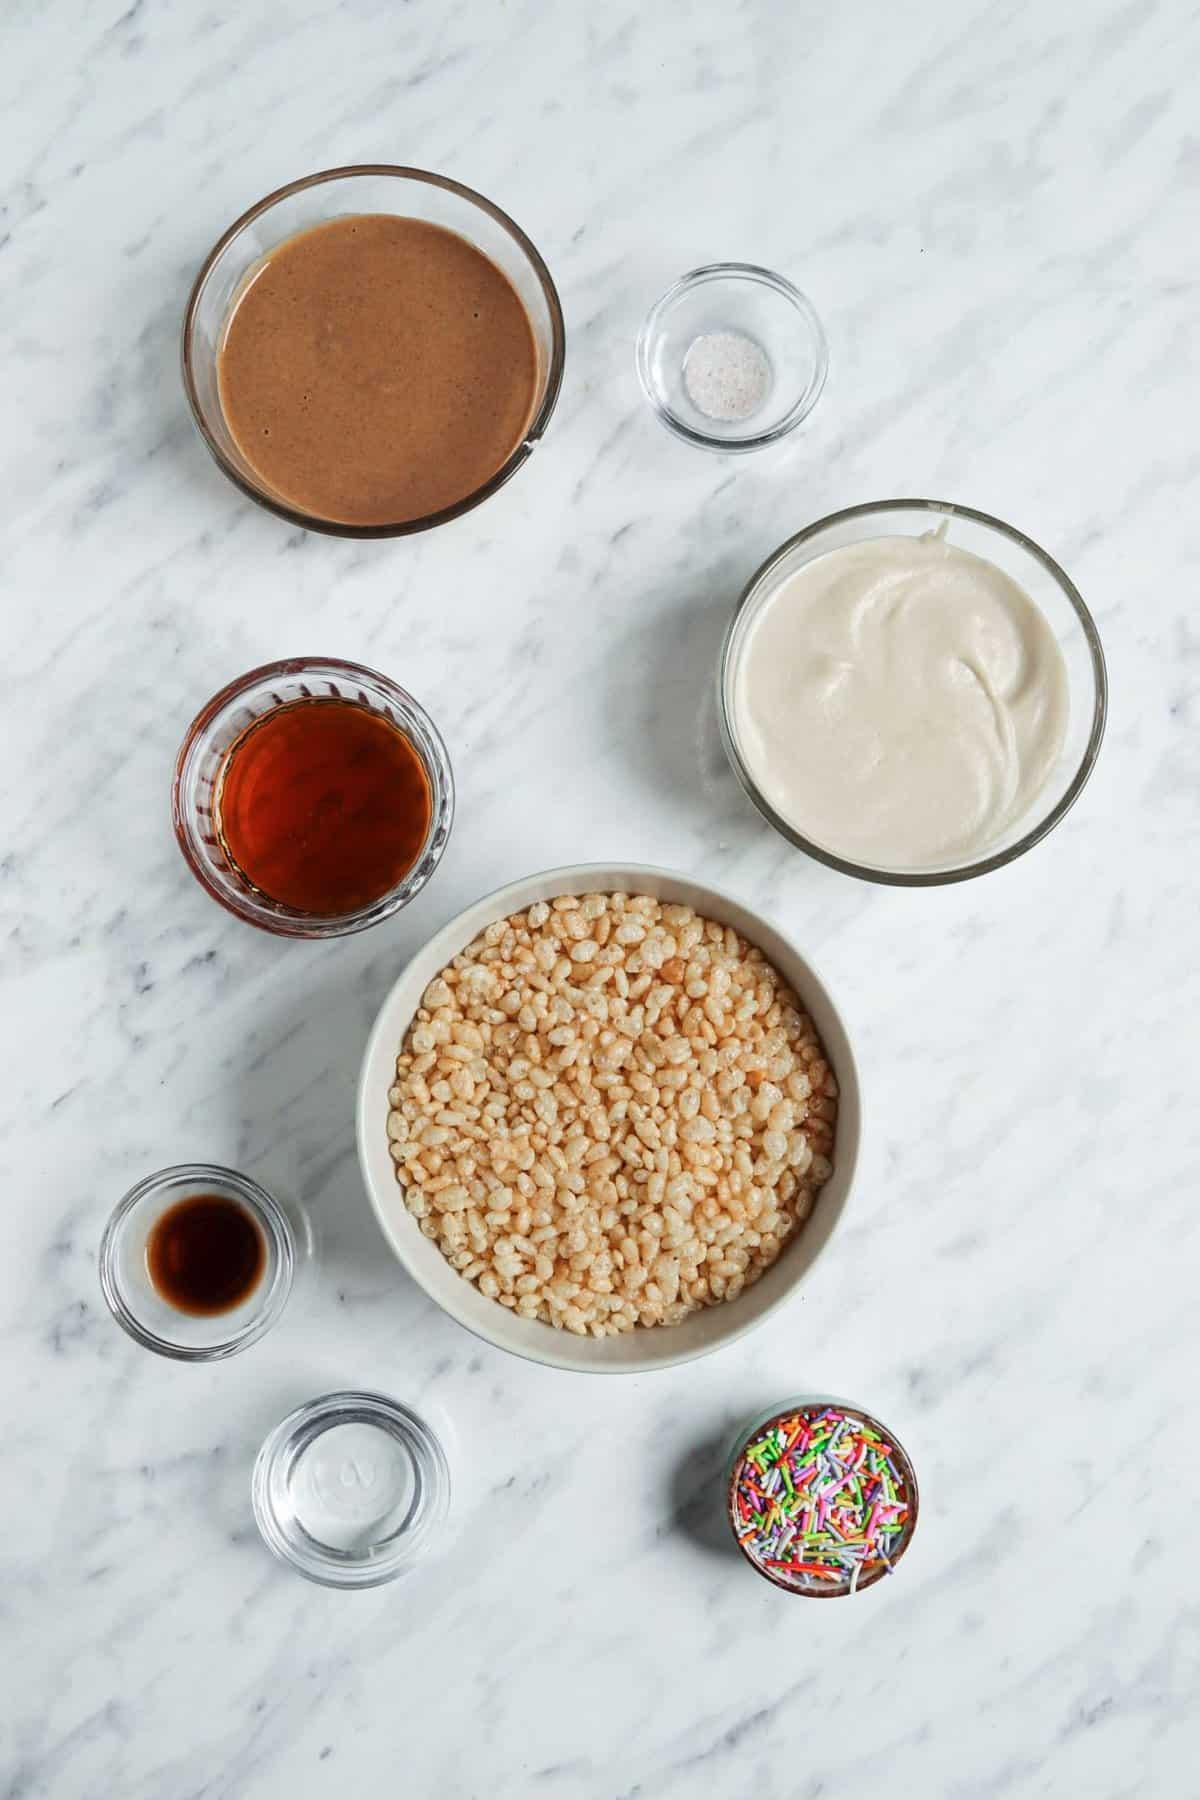 Rice Crispy Treat Ingredients